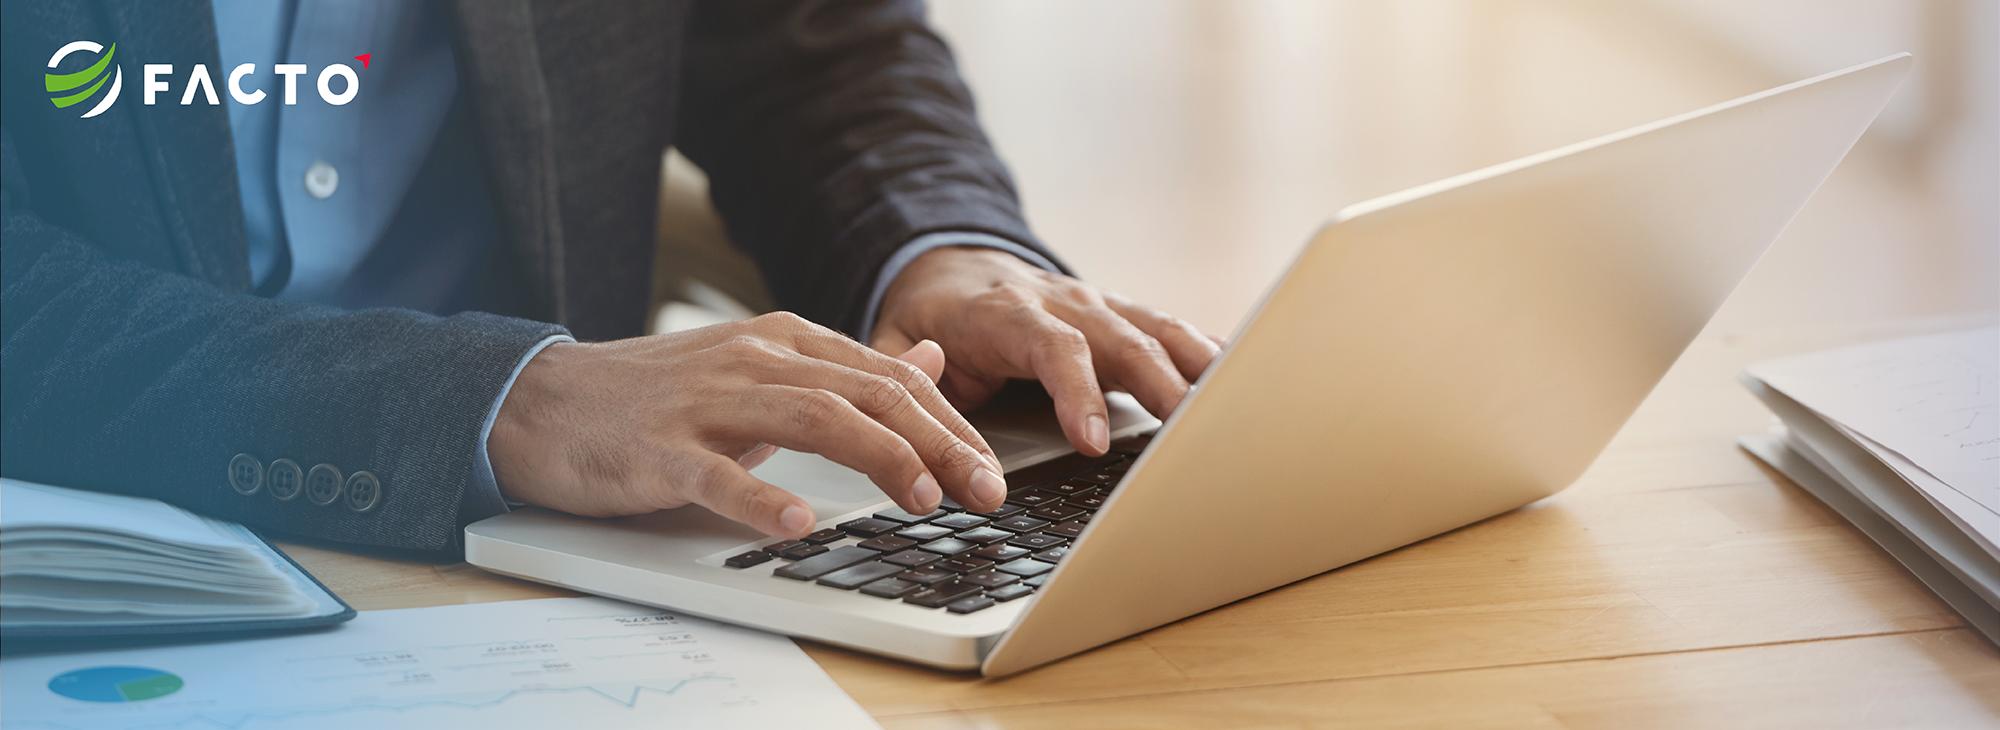 Herramientas gratuitas online que necesita tu negocio